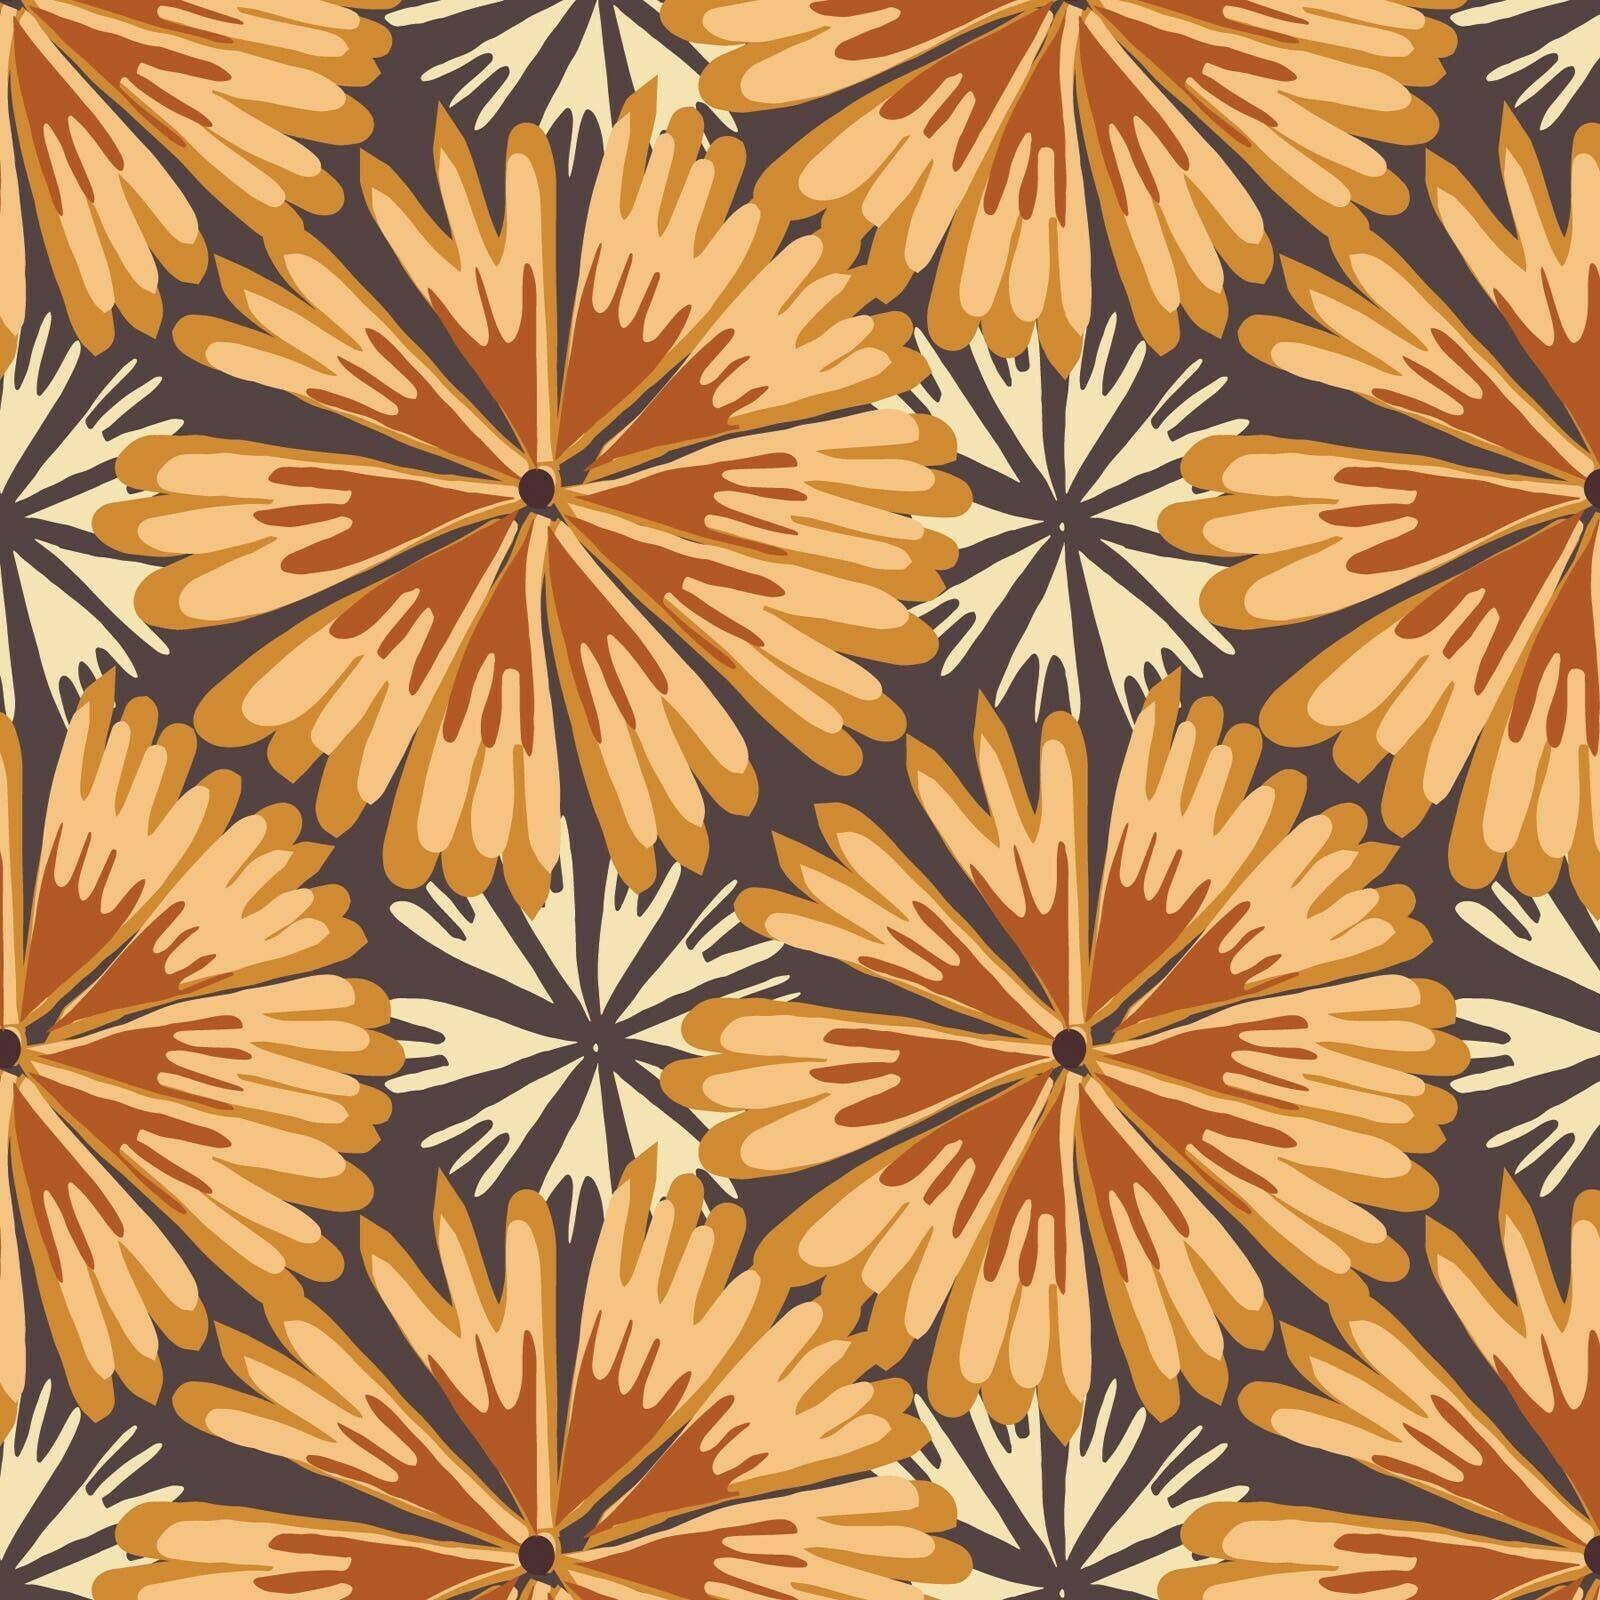 Bloom Full Bloom Flowers Fabric (Orange) by Paintbrush Studio SBY